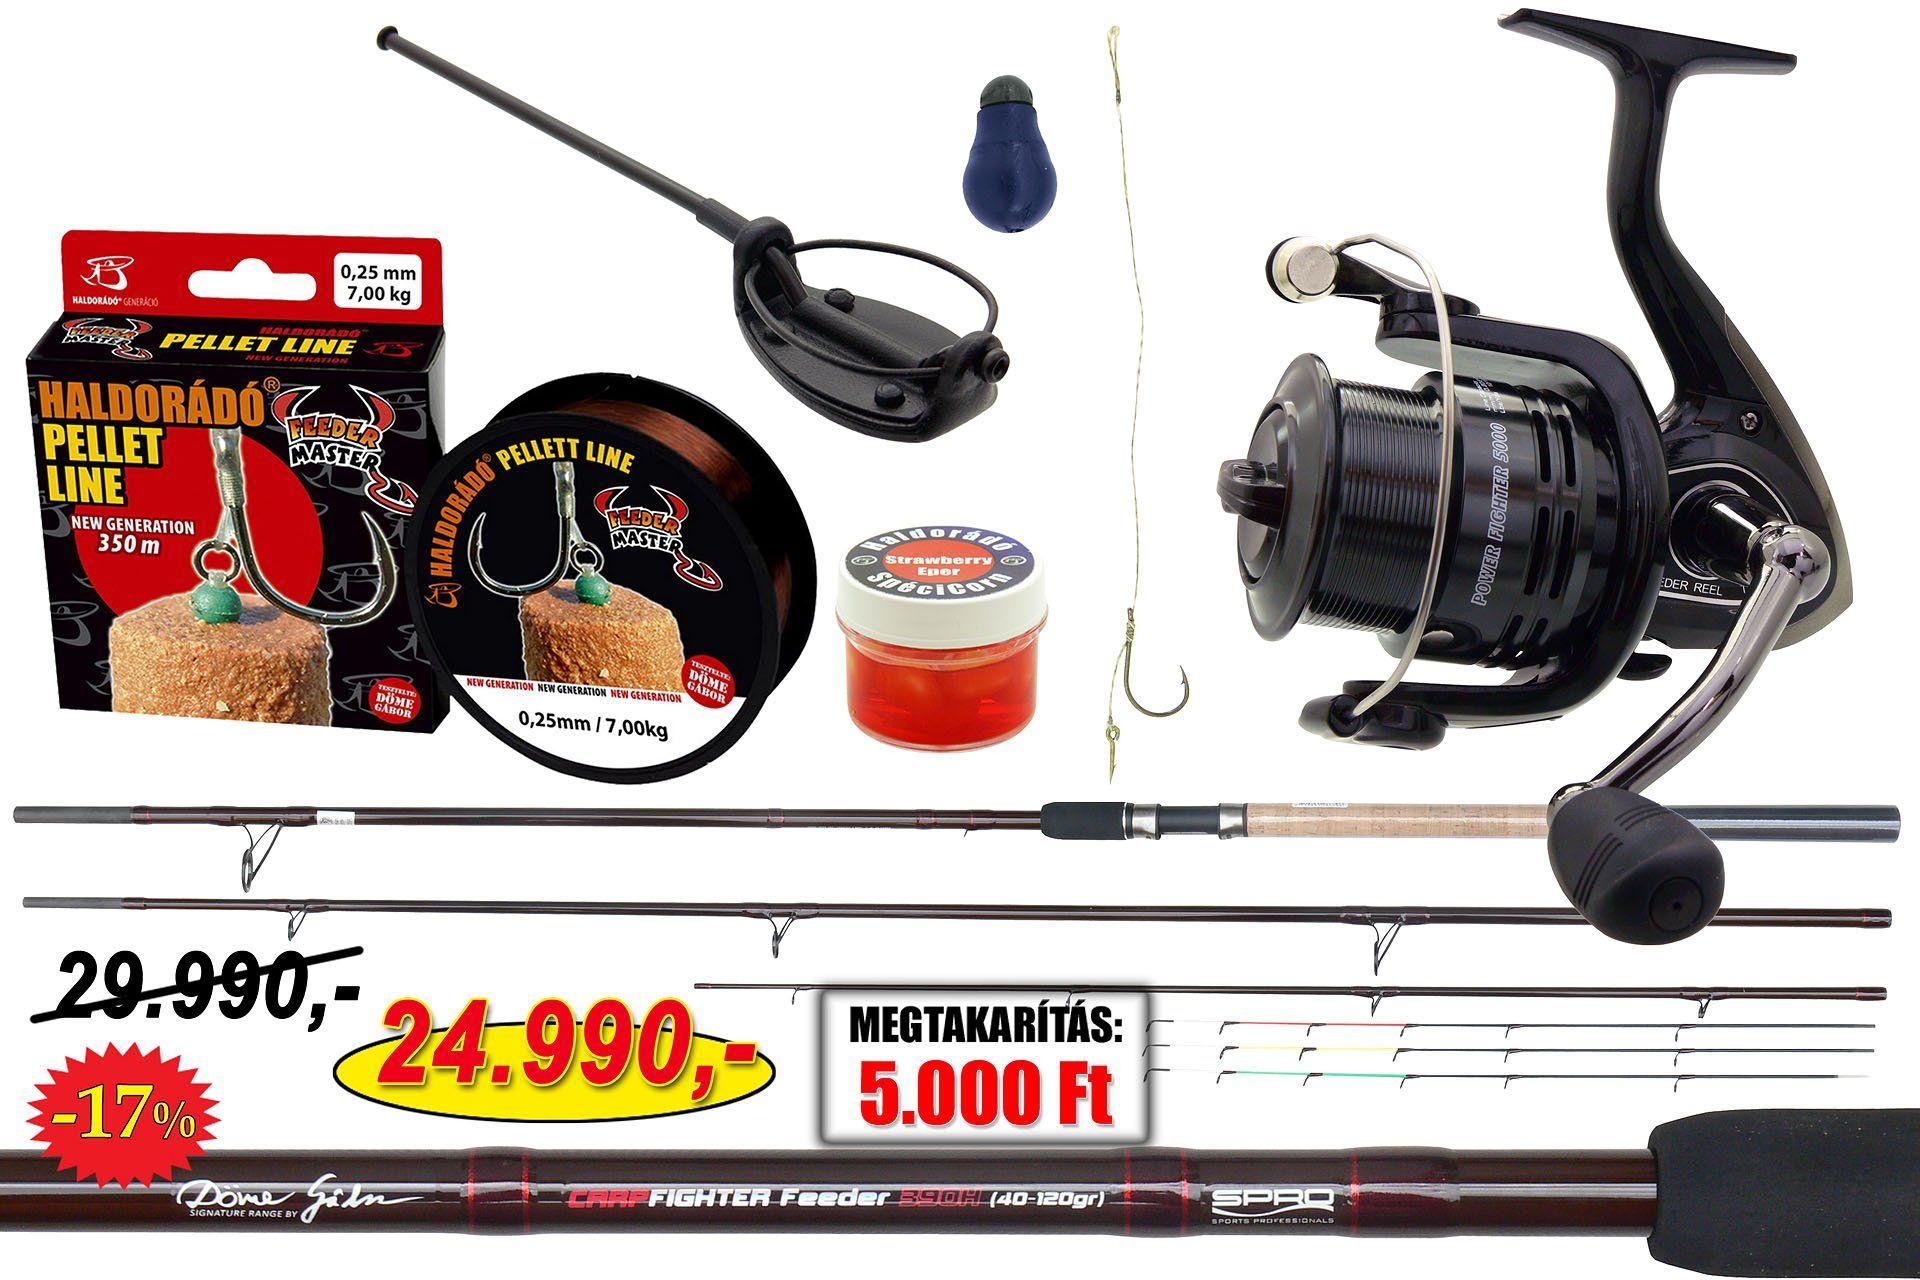 Ezt a felszerelést úgy terveztük meg, hogy minden kompakt részével a pontyos method feeder horgászatot segítse